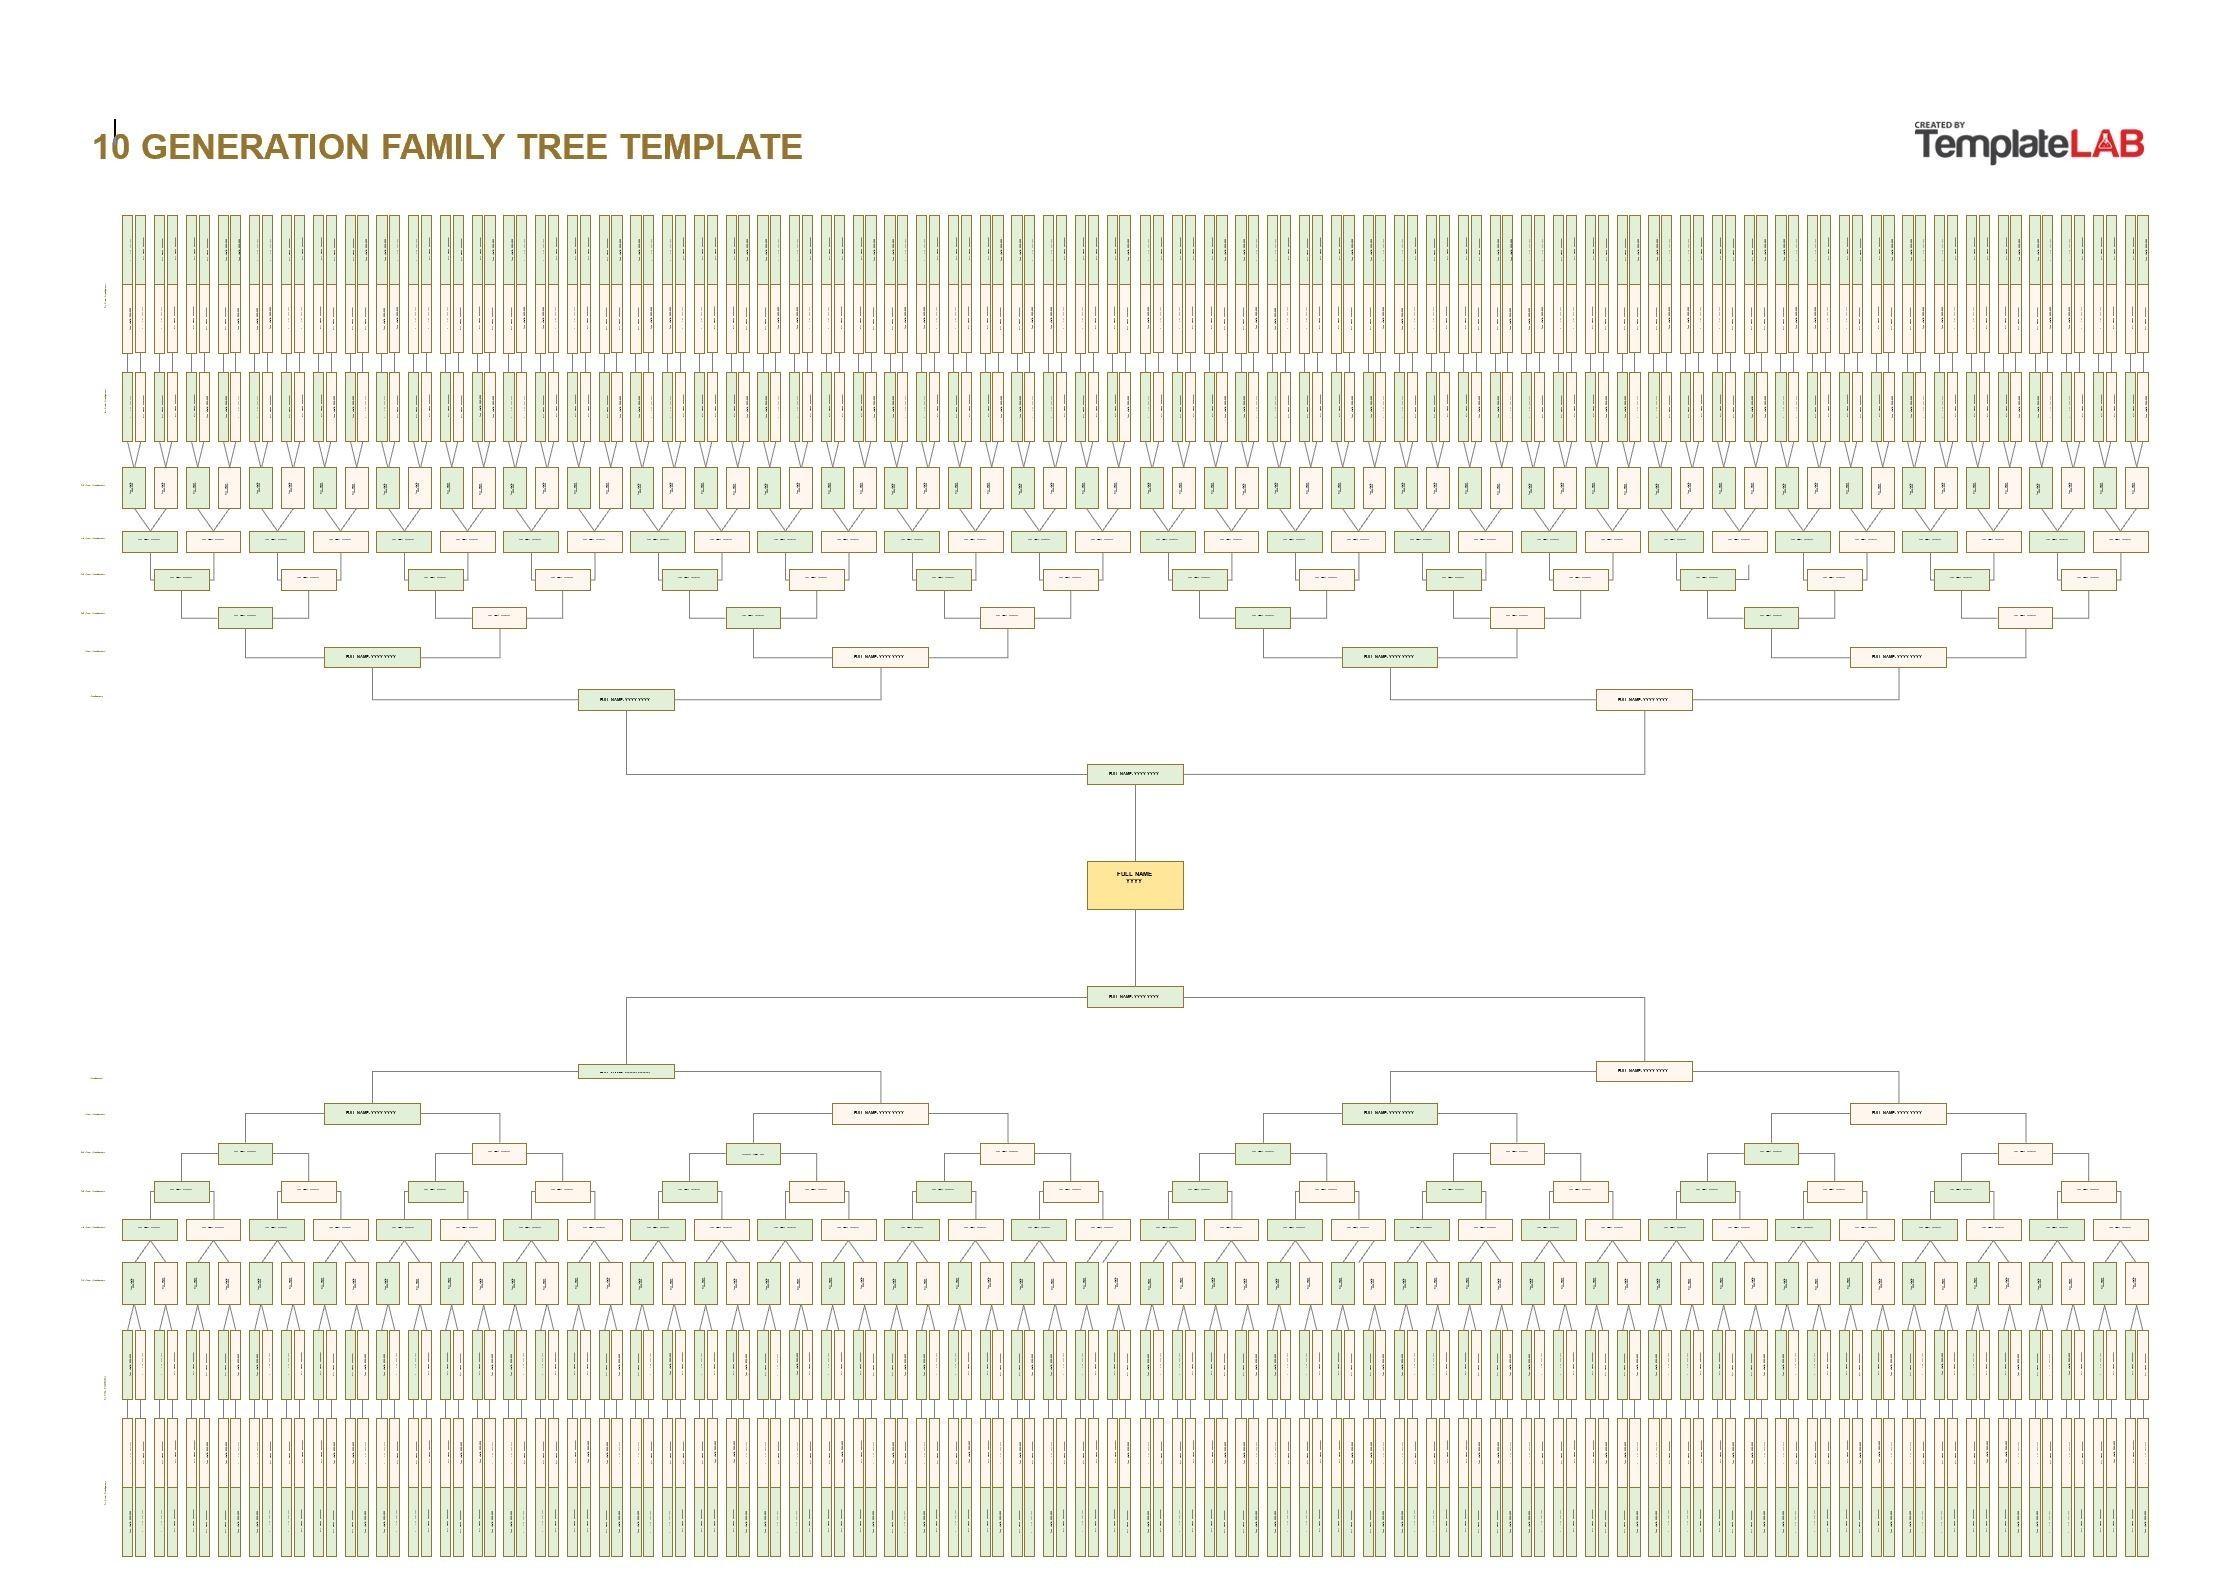 Free 10 Generation Family Tree